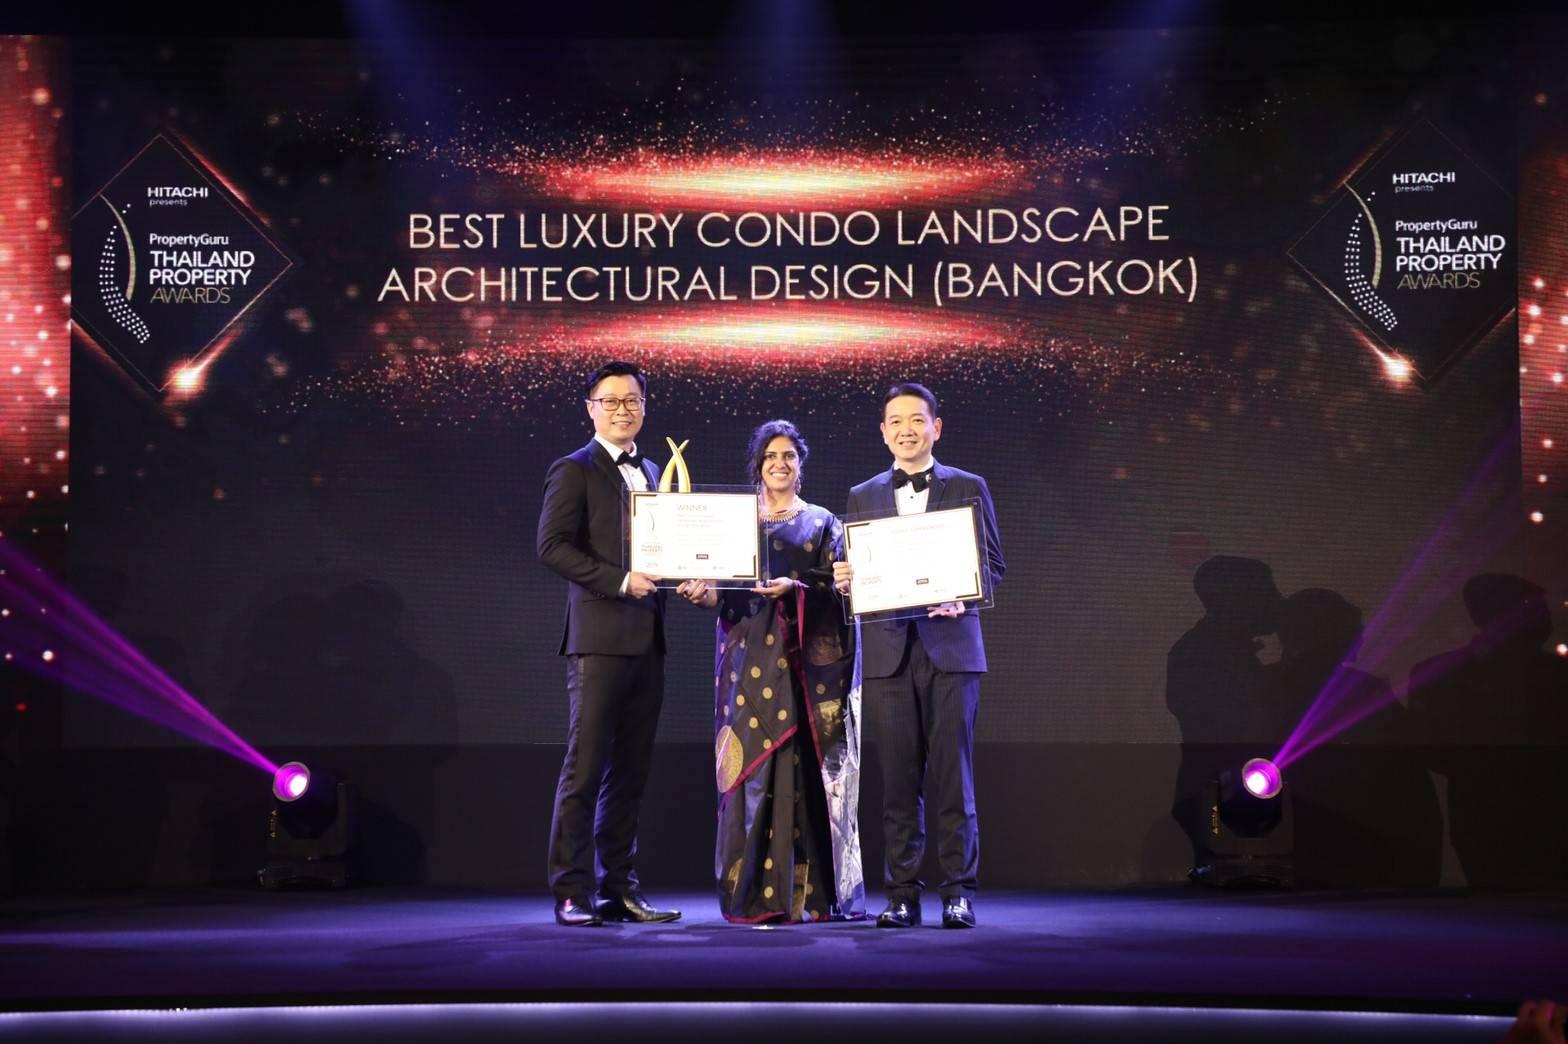 ออริจิ้น คว้า 3 รางวัล จากเวที Property Guru Thailand Property Awards 2019